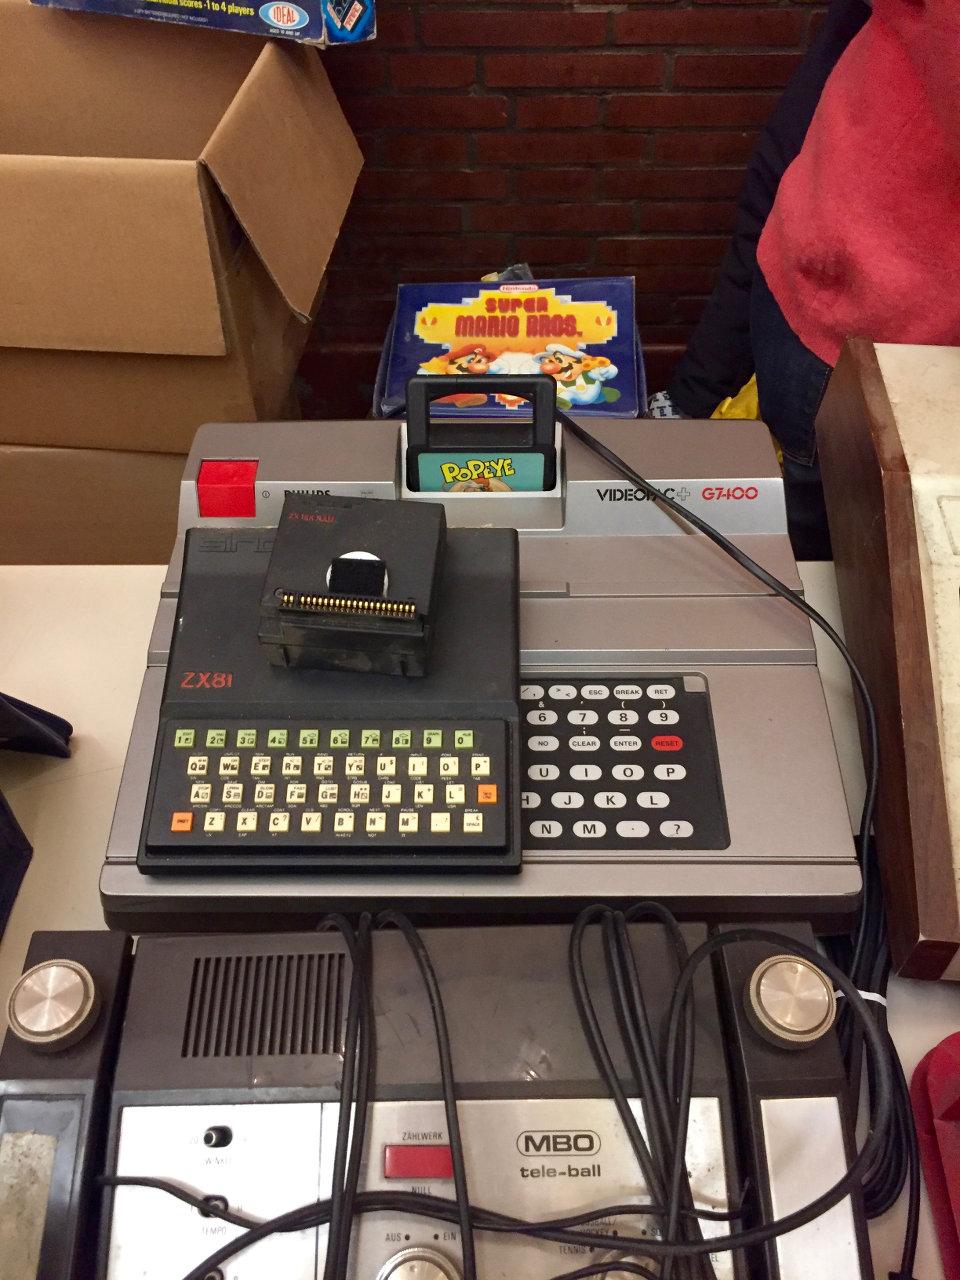 Gruppenbild mit Pong-Konsole, ZX81 und einem Philips Videopac G7400. (Bild: André Eymann)